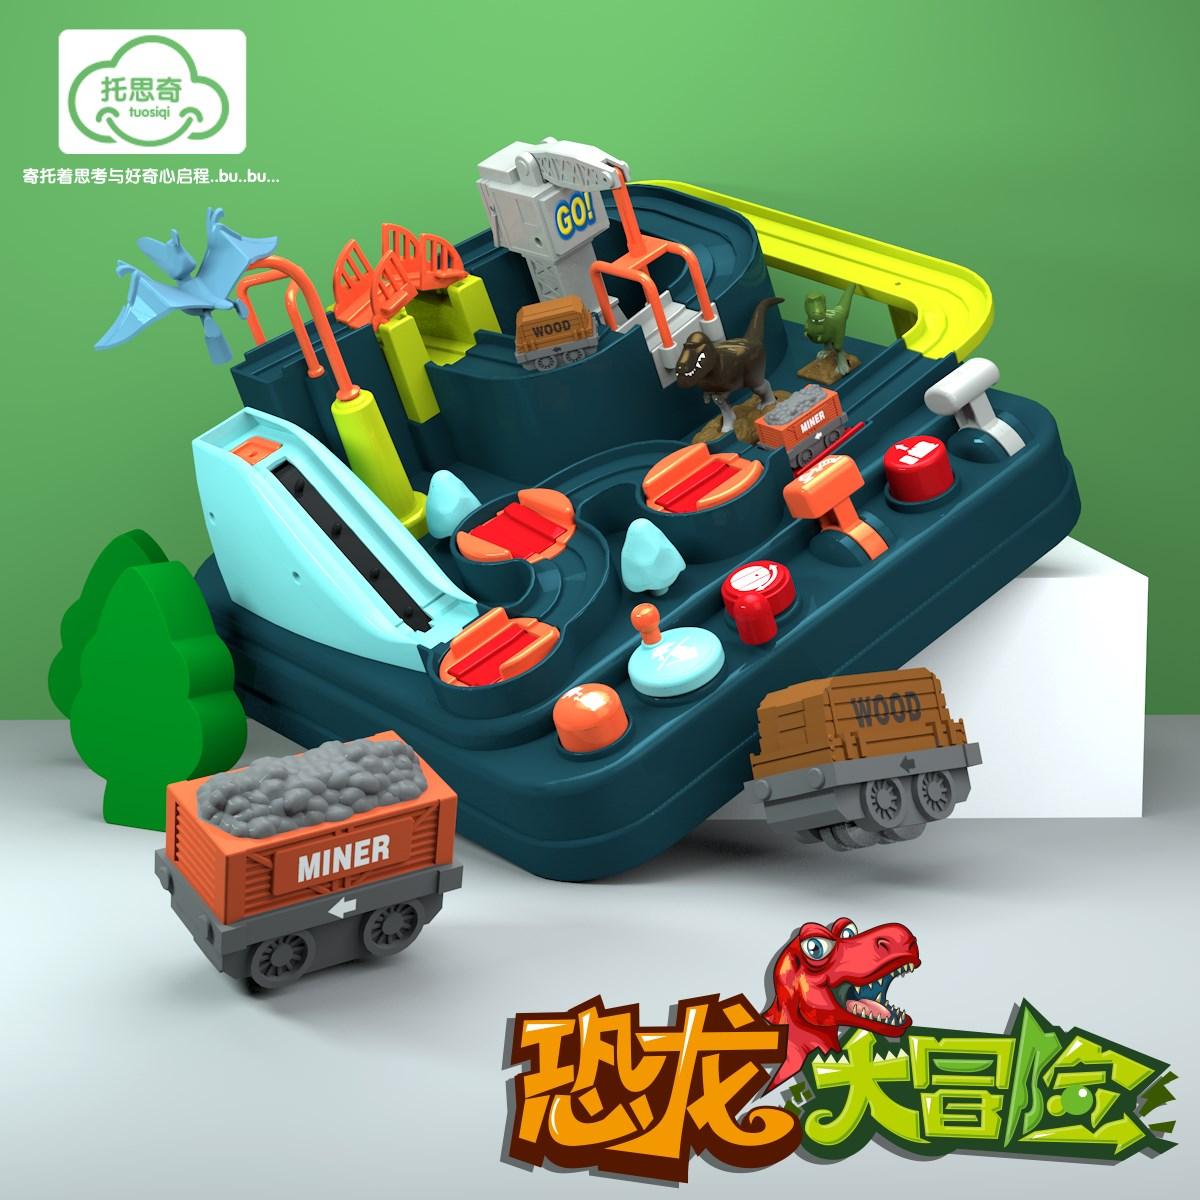 网红同款汽车闯关大冒险恐龙大冒险轨道控制台亲子桌面互动游戏